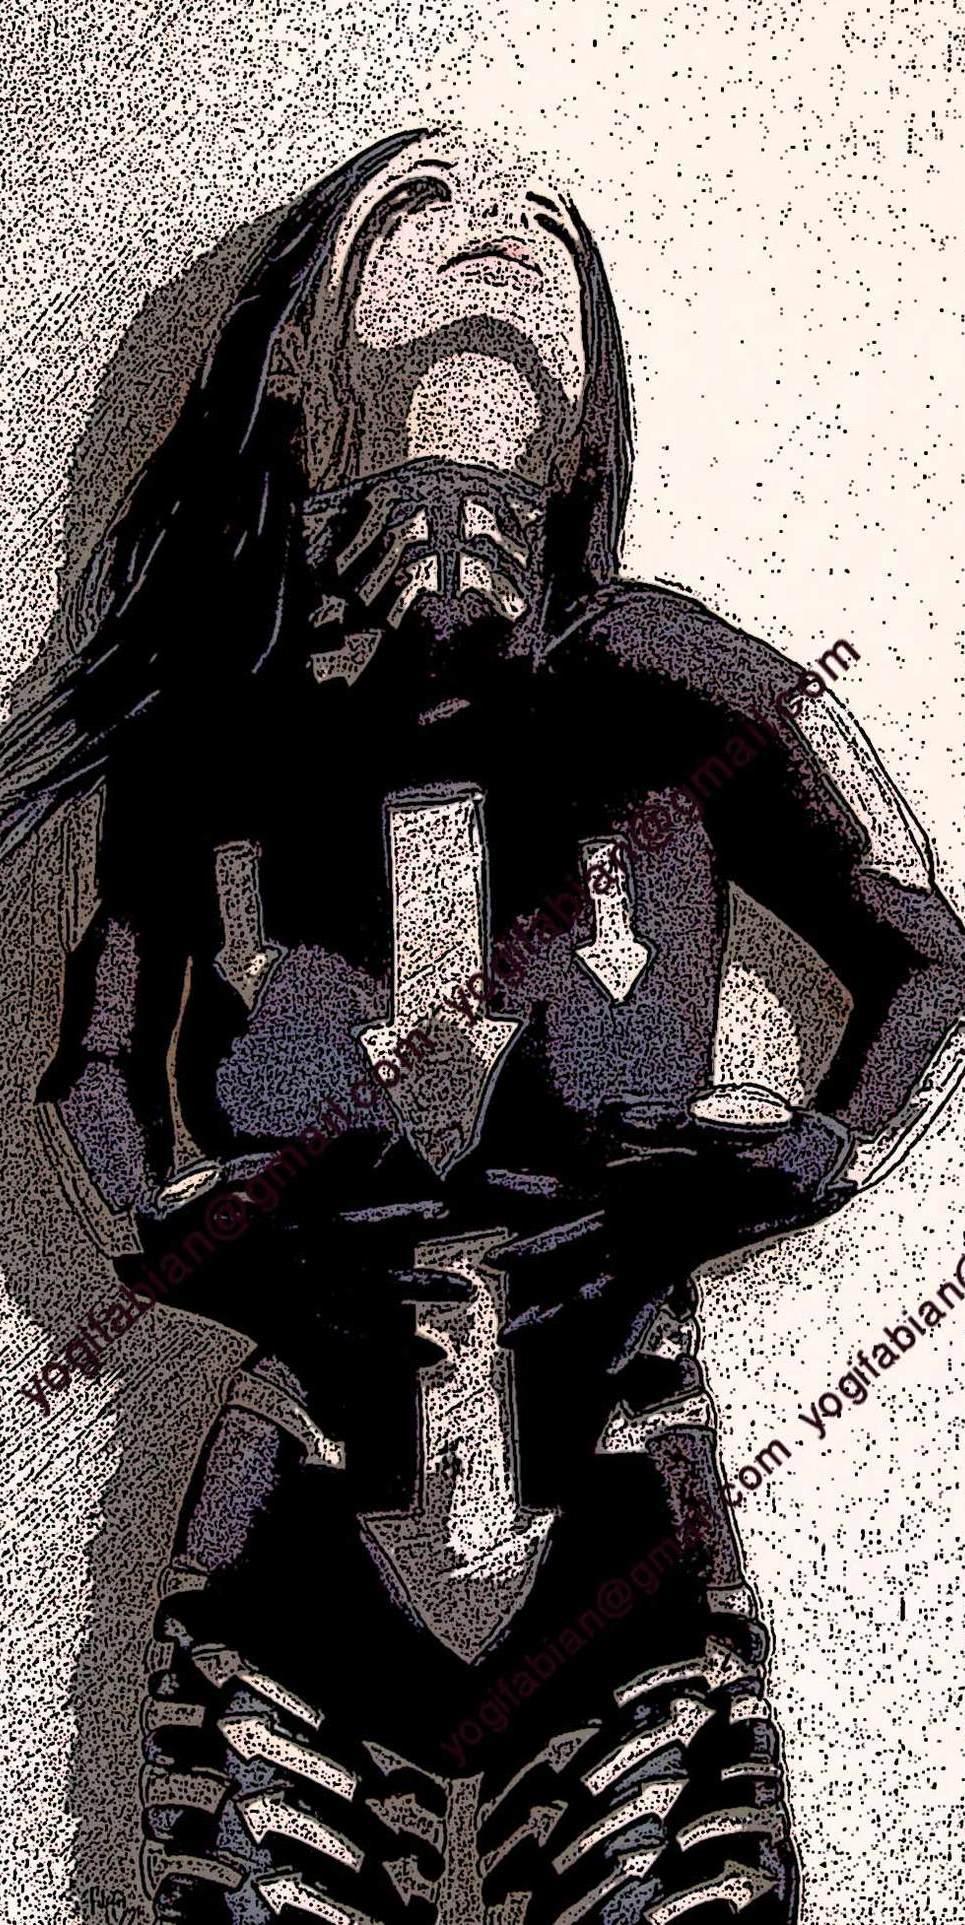 Arrows project art darker show